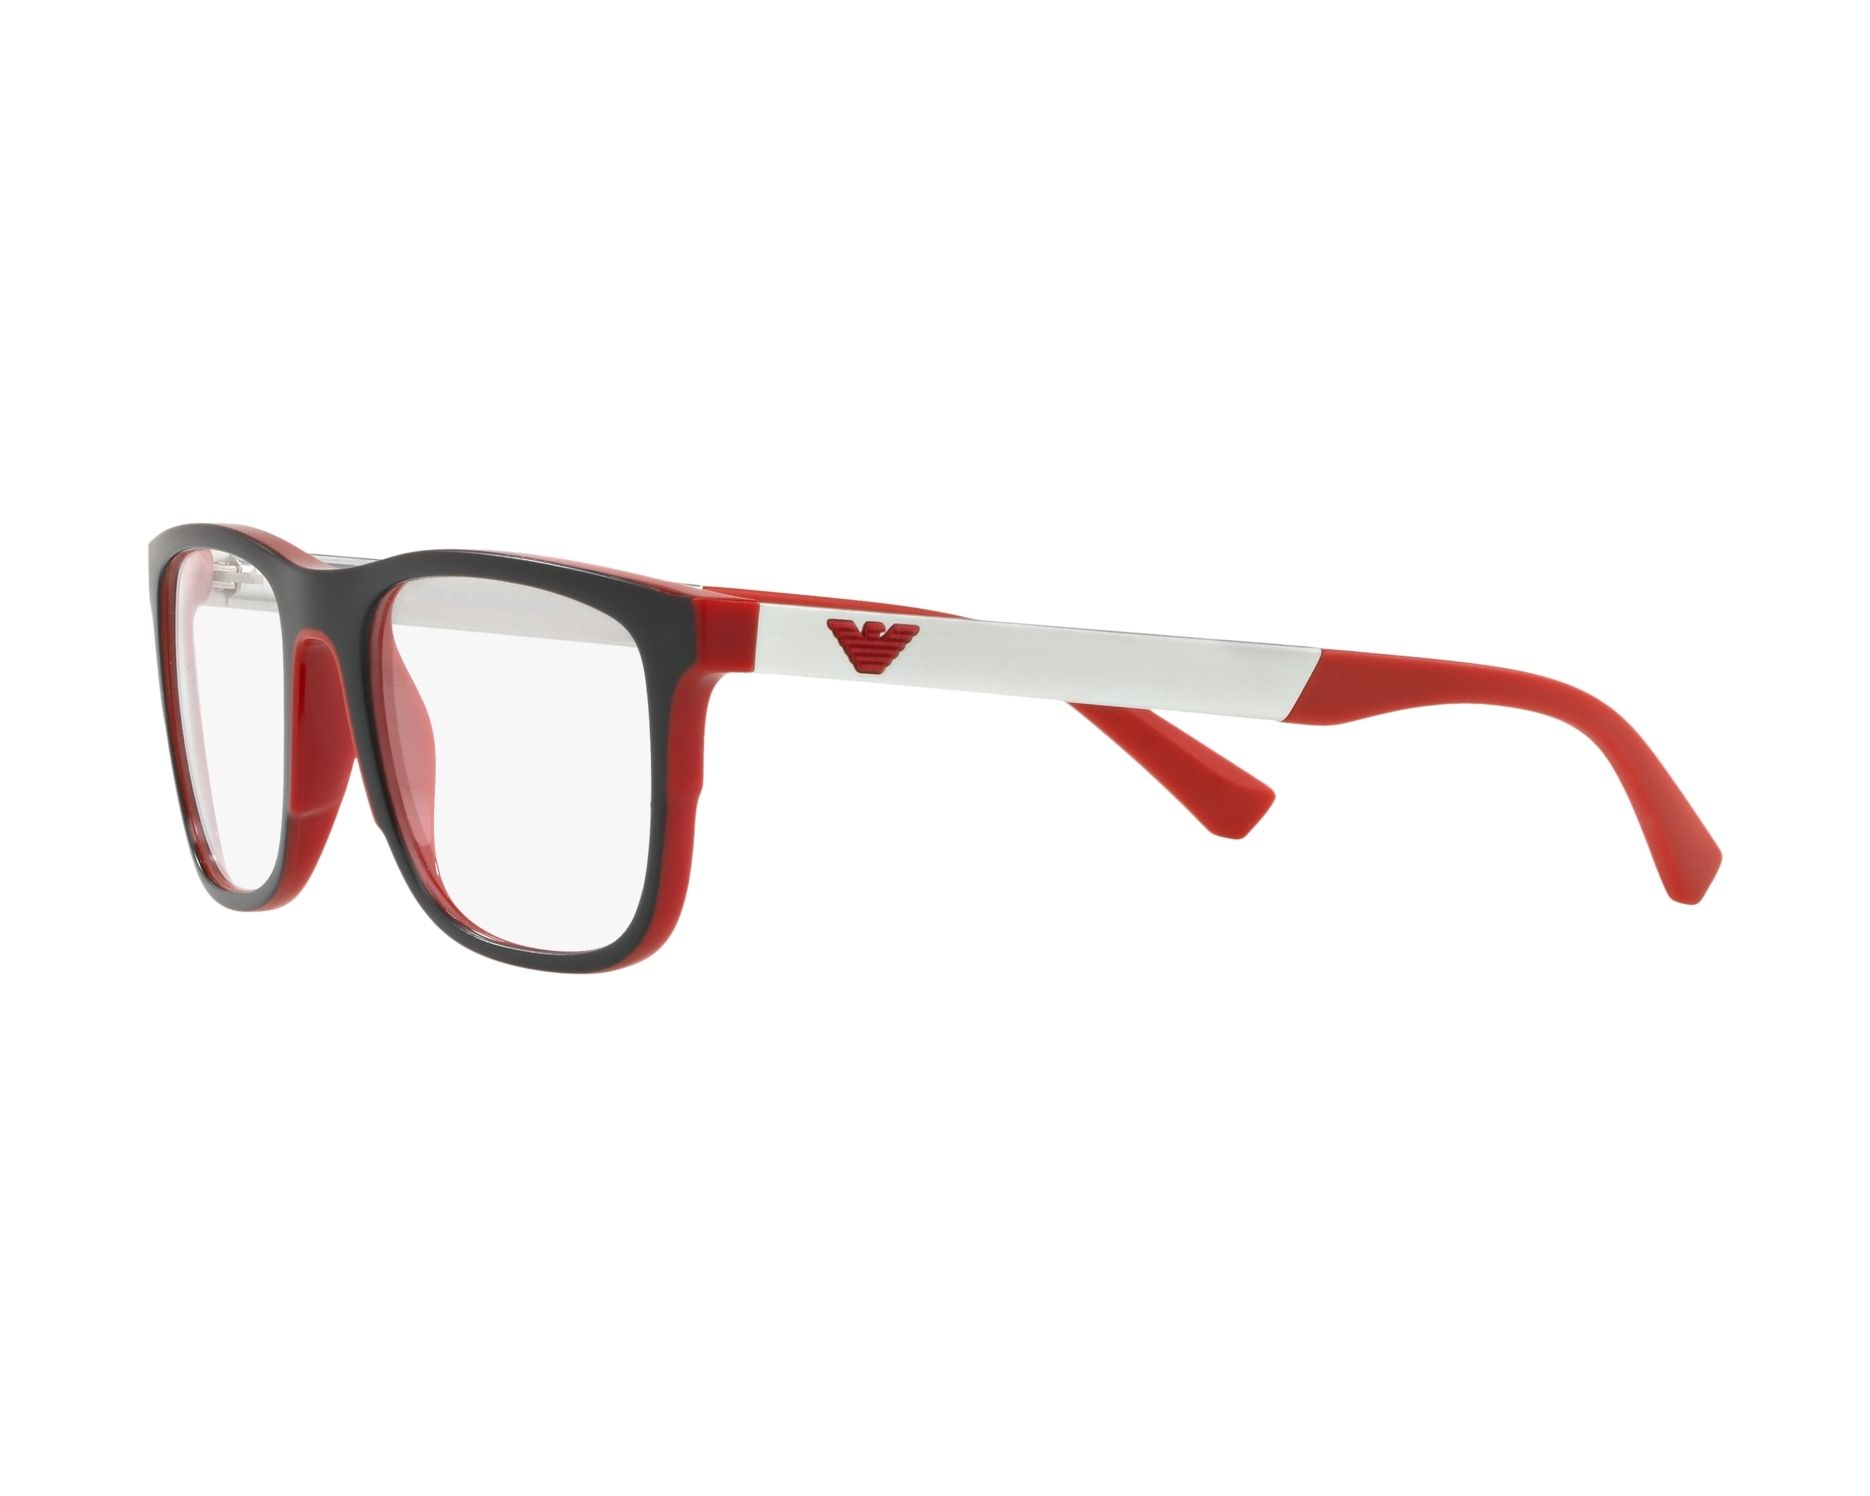 1f4d78936c466 Gafas Graduadas Emporio Armani EA-3133 5665 - Negra Rojo Vista de 360  grados 3